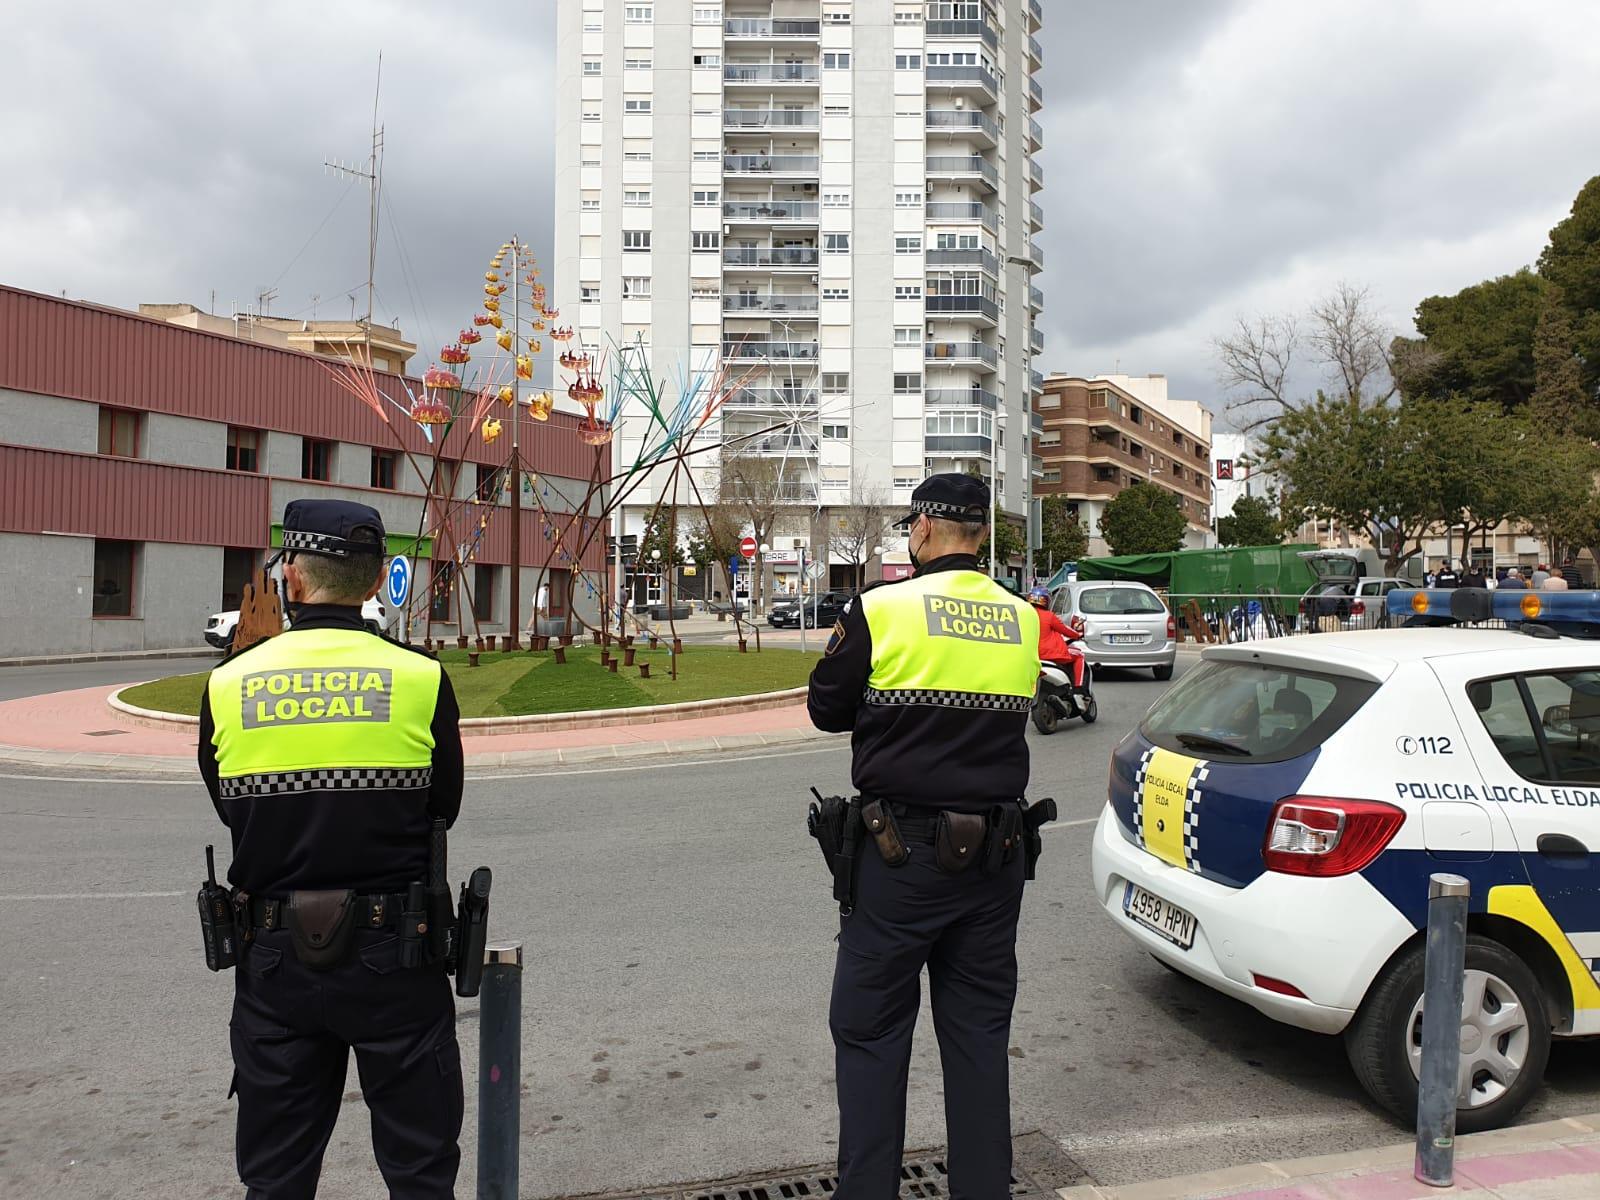 La Policía Local de Elda levanta 14 actas de sanción durante el último fin de semana por incumplimiento de medidas  contra el Covid-19